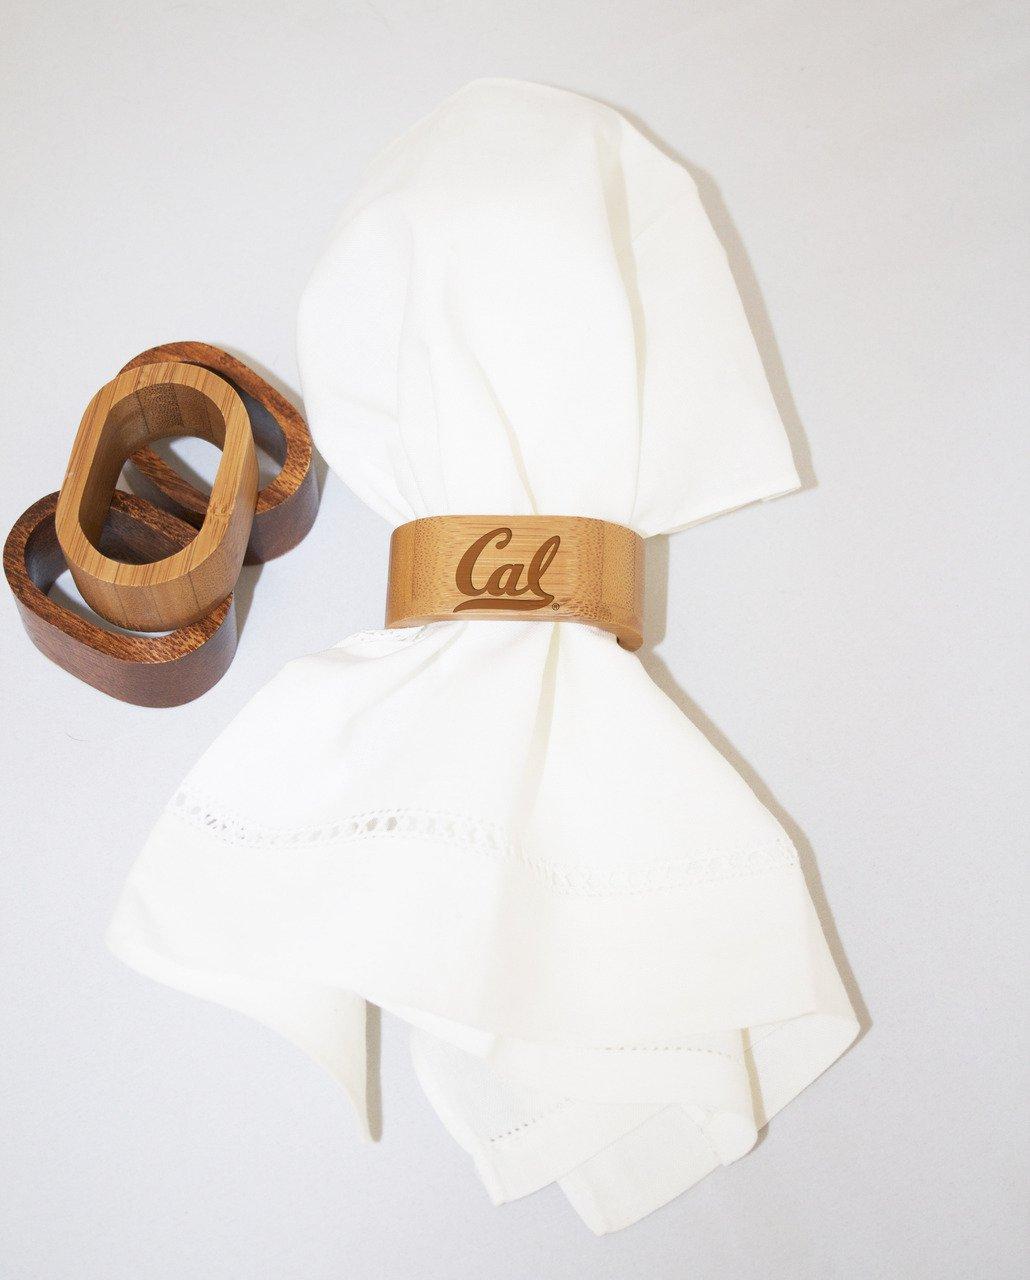 Cal Napkin Rings